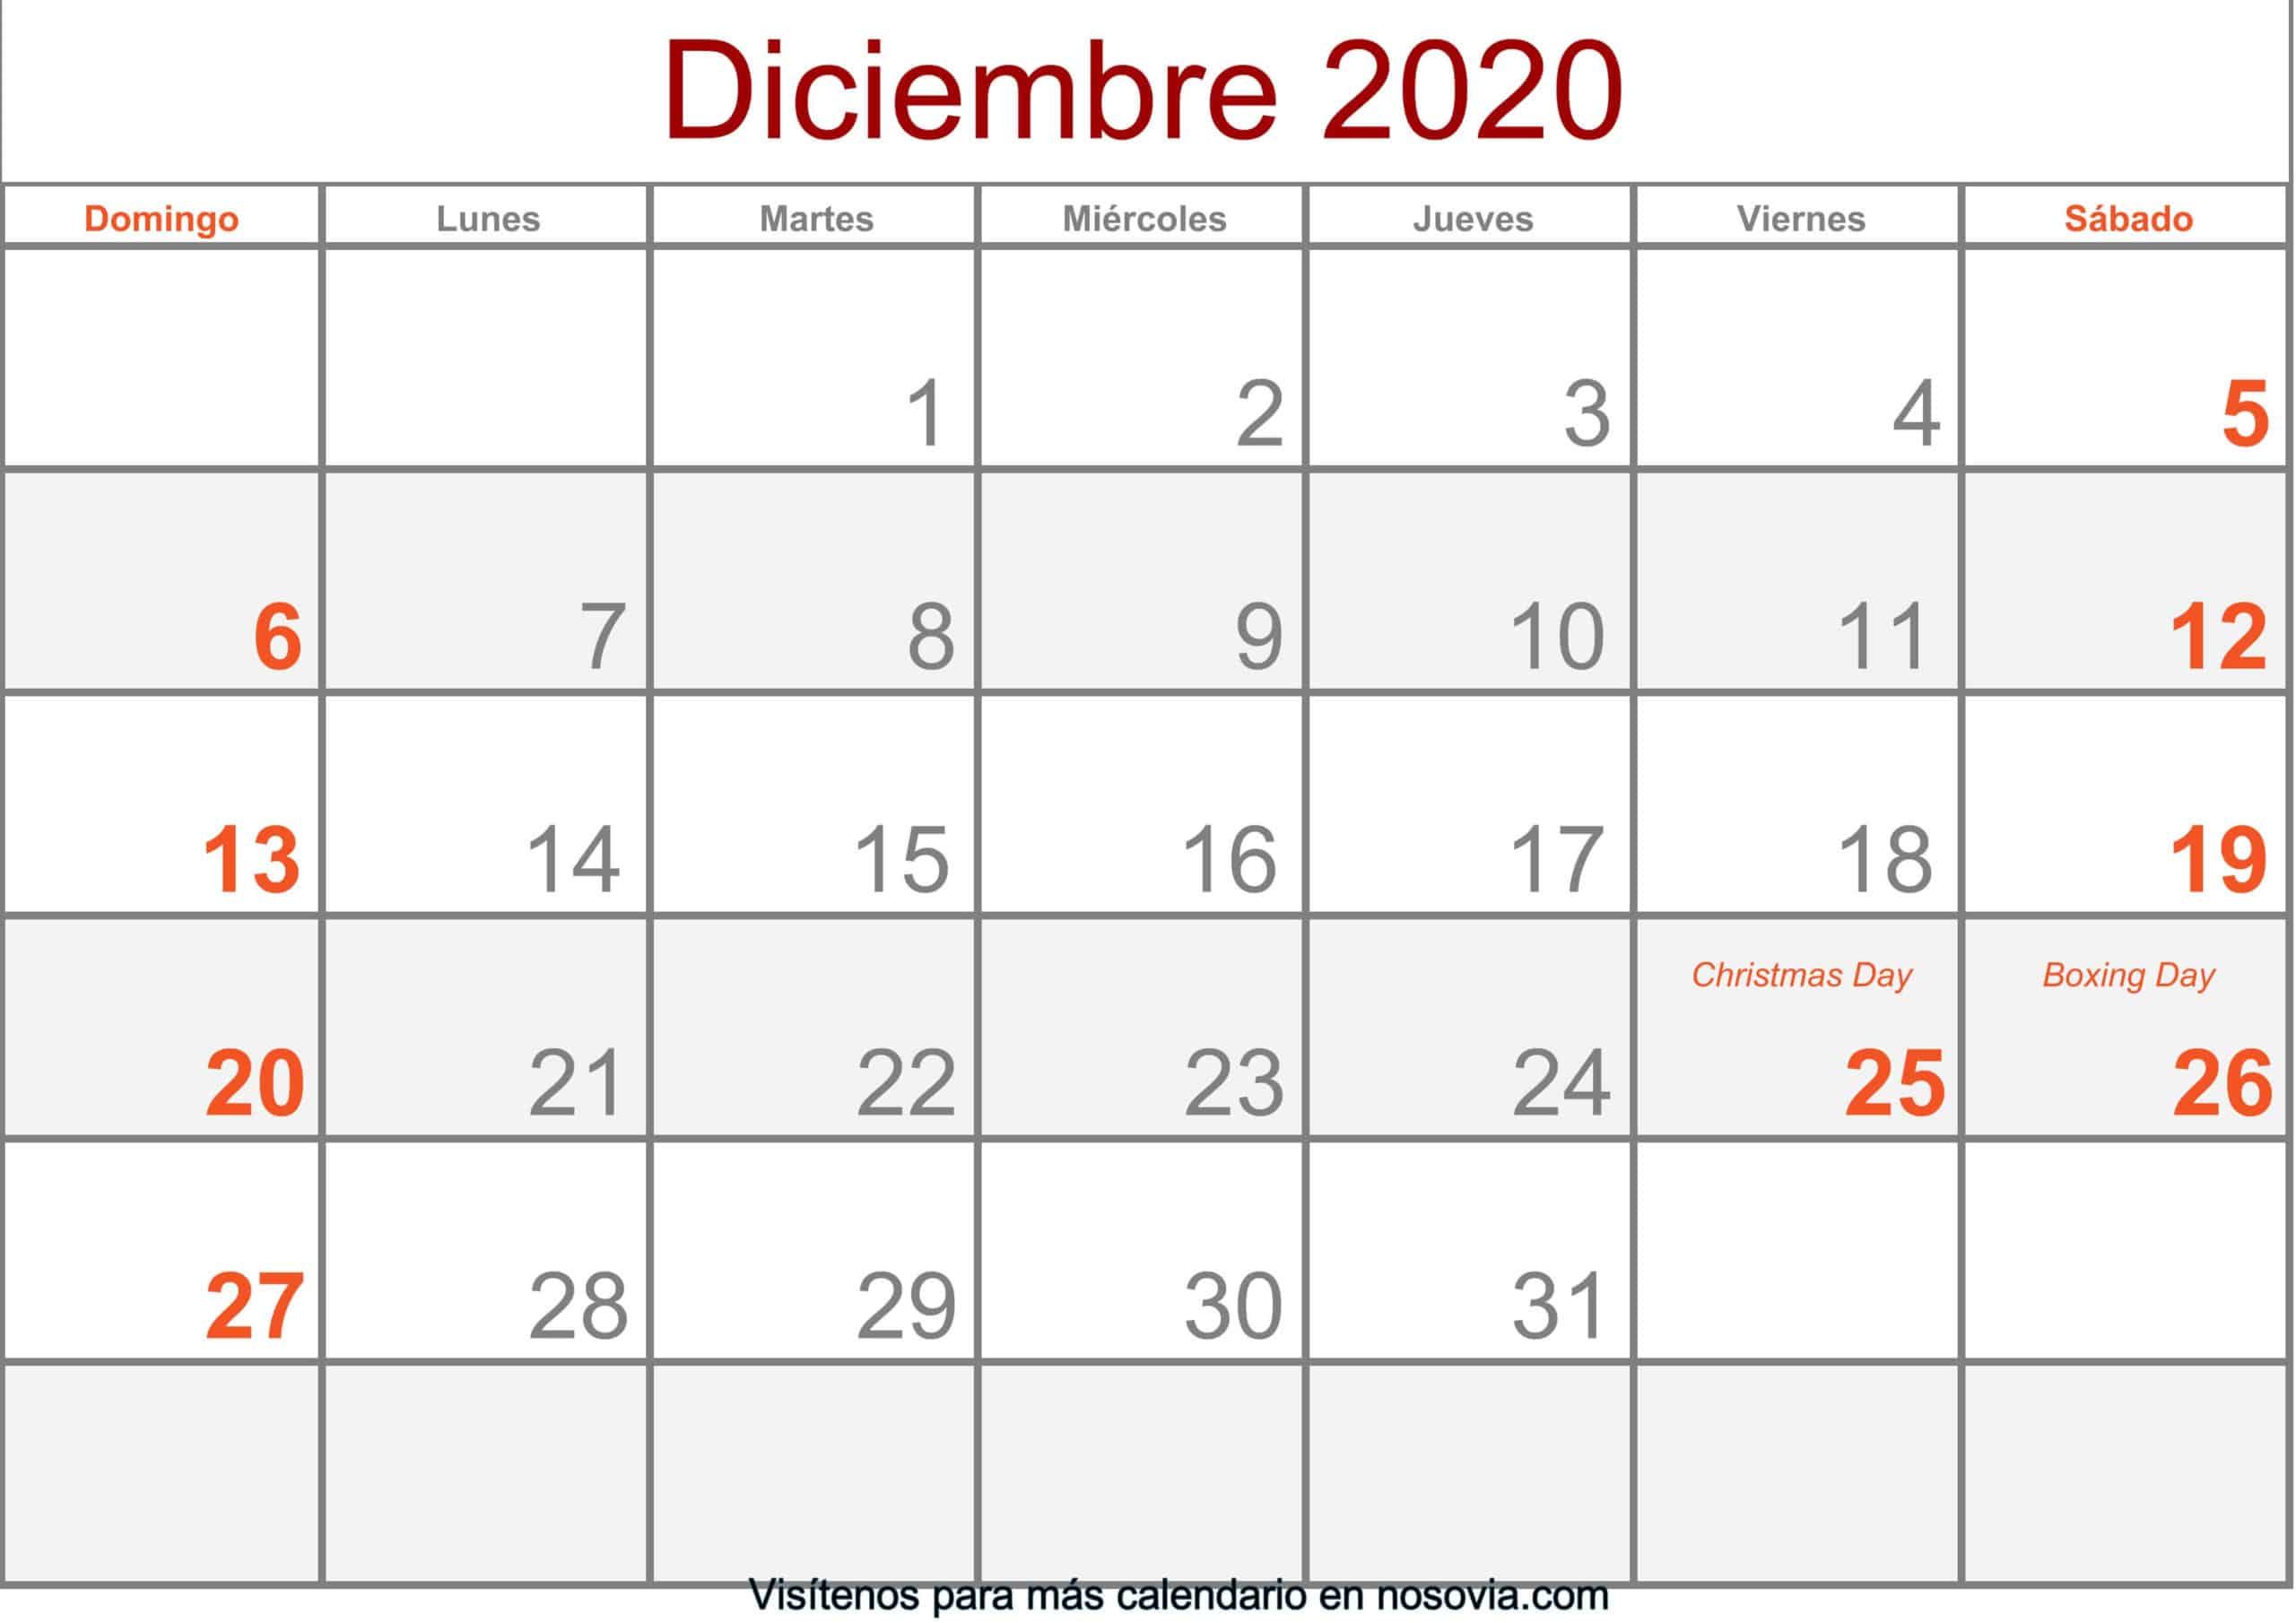 Calendario-diciembre-2020-Con-Festivos-Formato